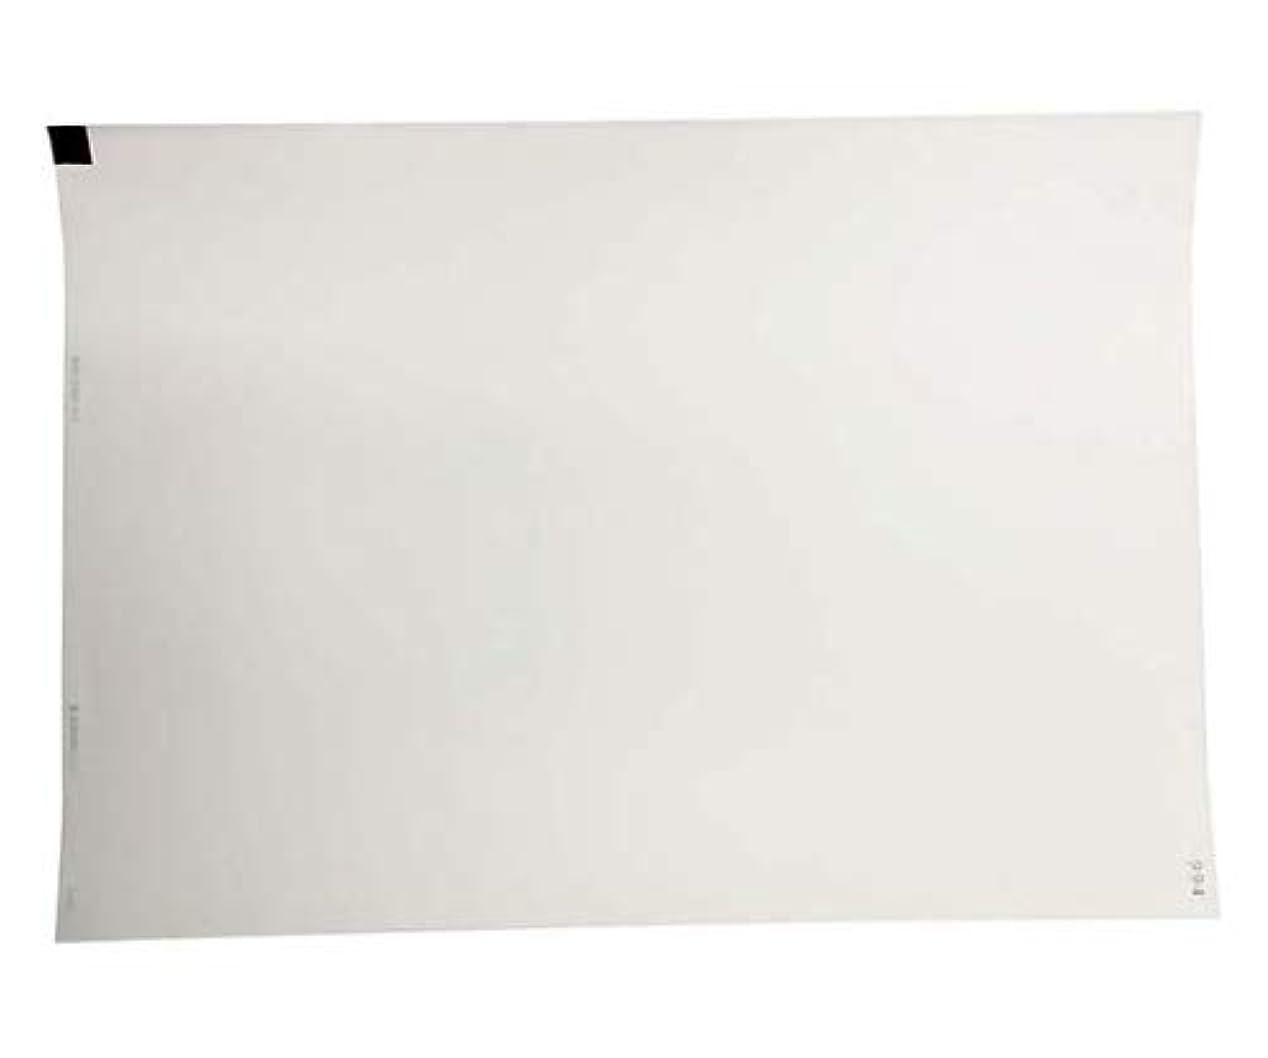 パンサー残基日曜日国際チャート 心電図記録紙 297mm巾×210mm折 全長210m MRC049-KC